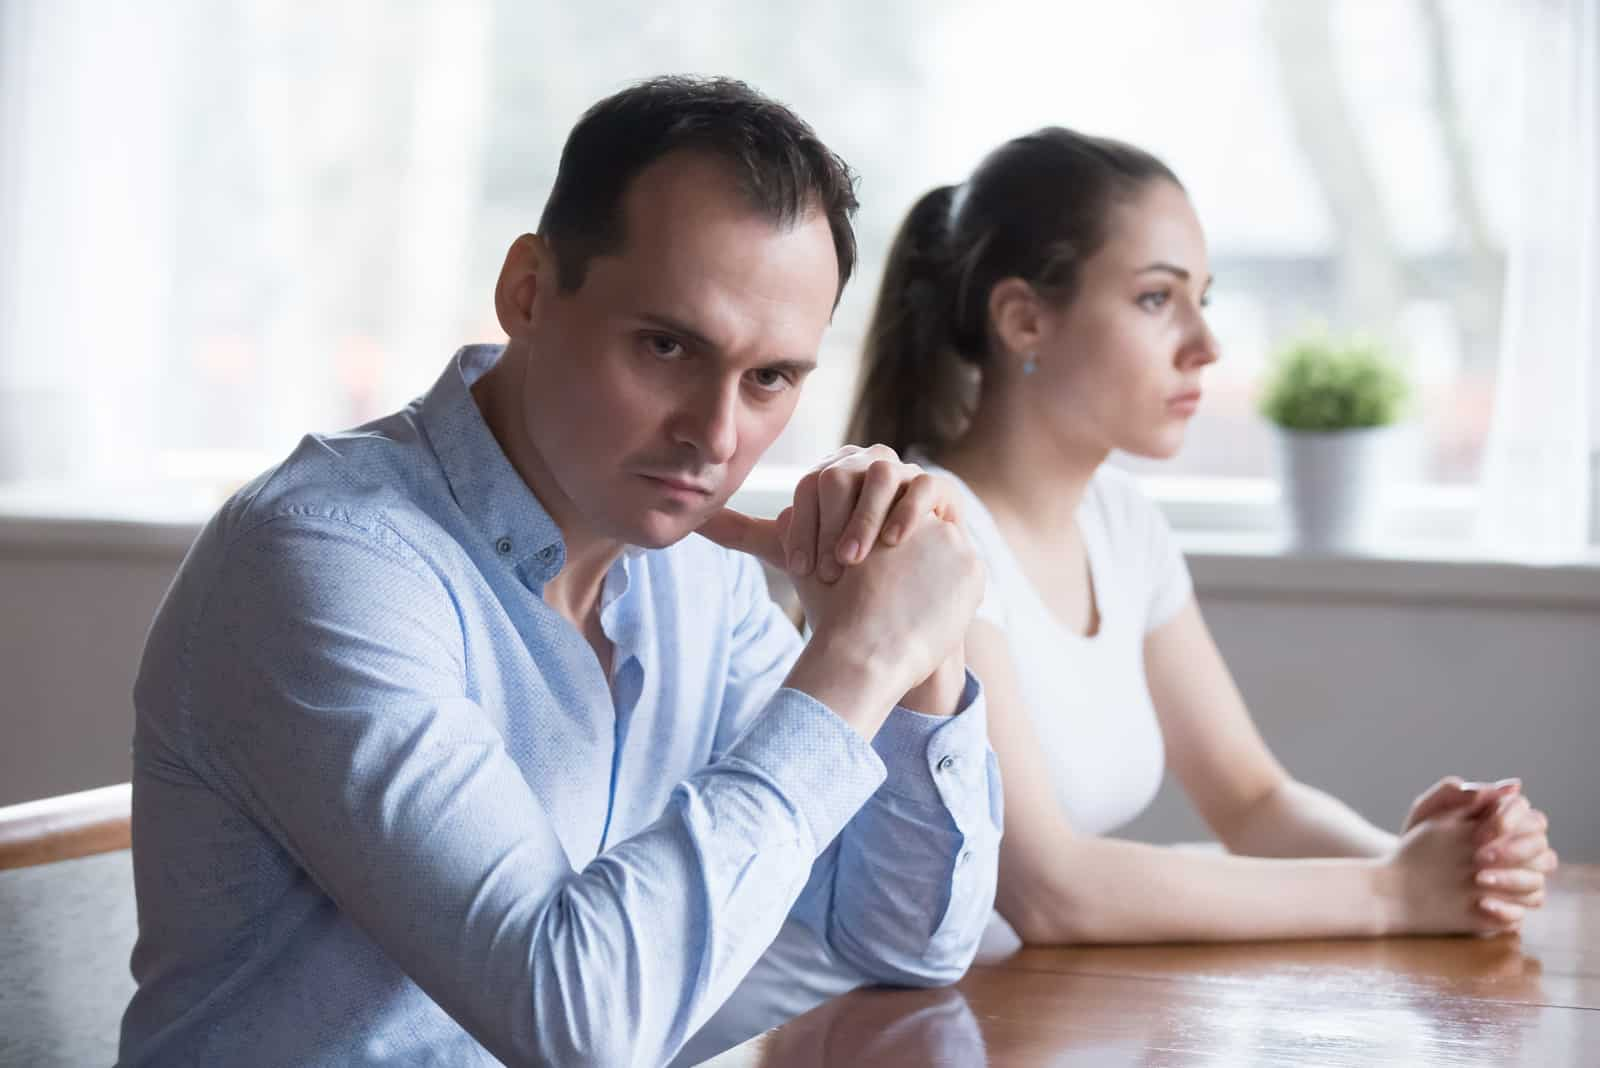 l'homme en colère contre la femme détourna la tête d'elle